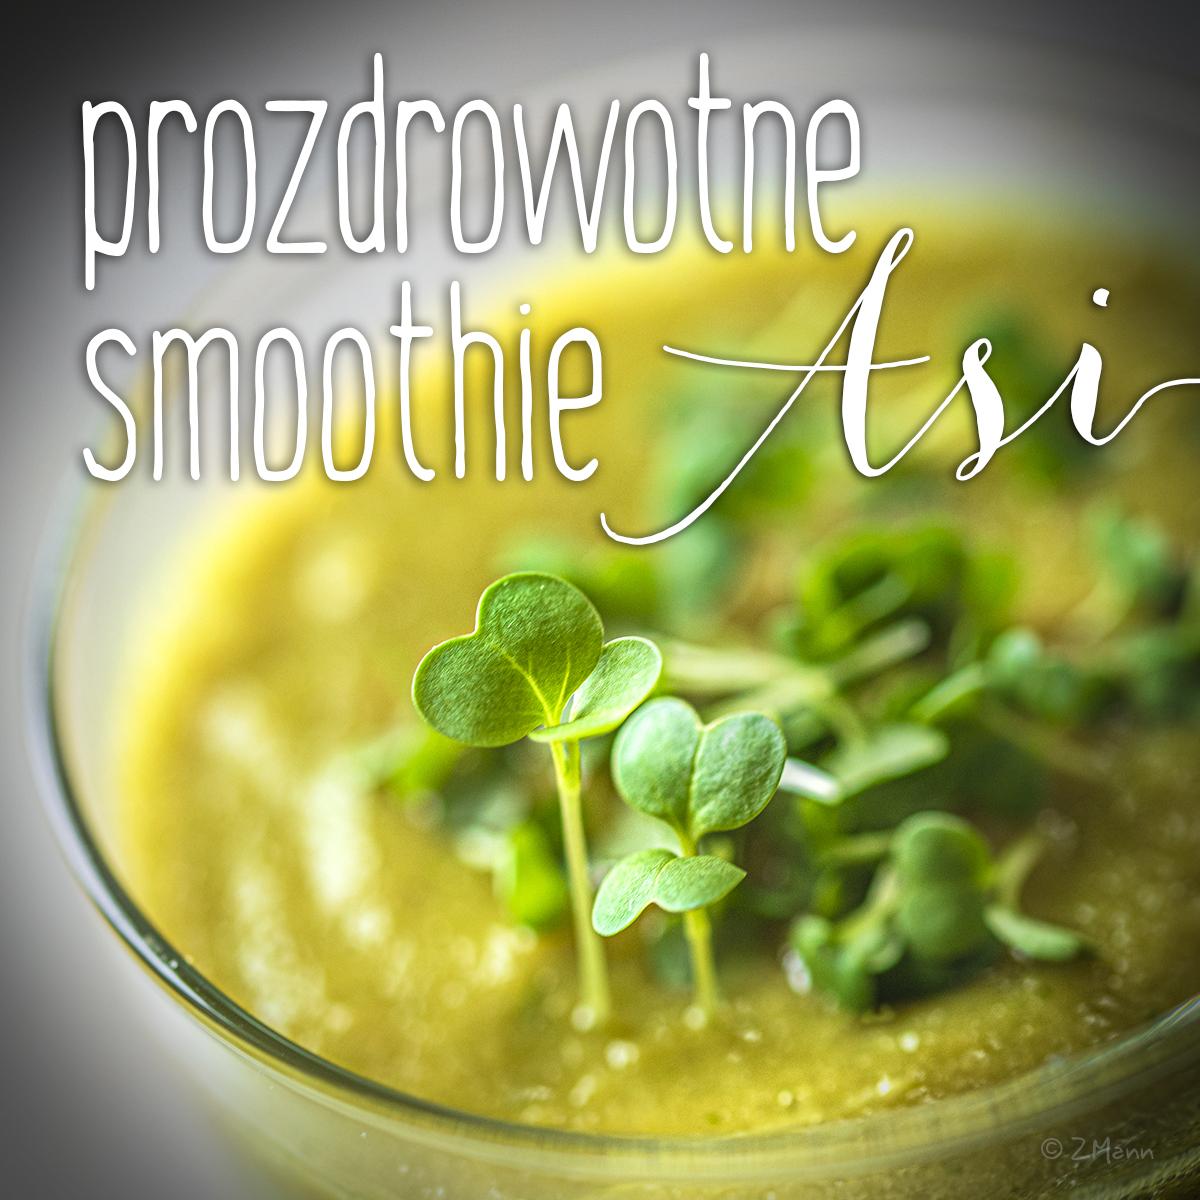 prozdrowotne smoothie Asi . bomba witaminowo-mineralna